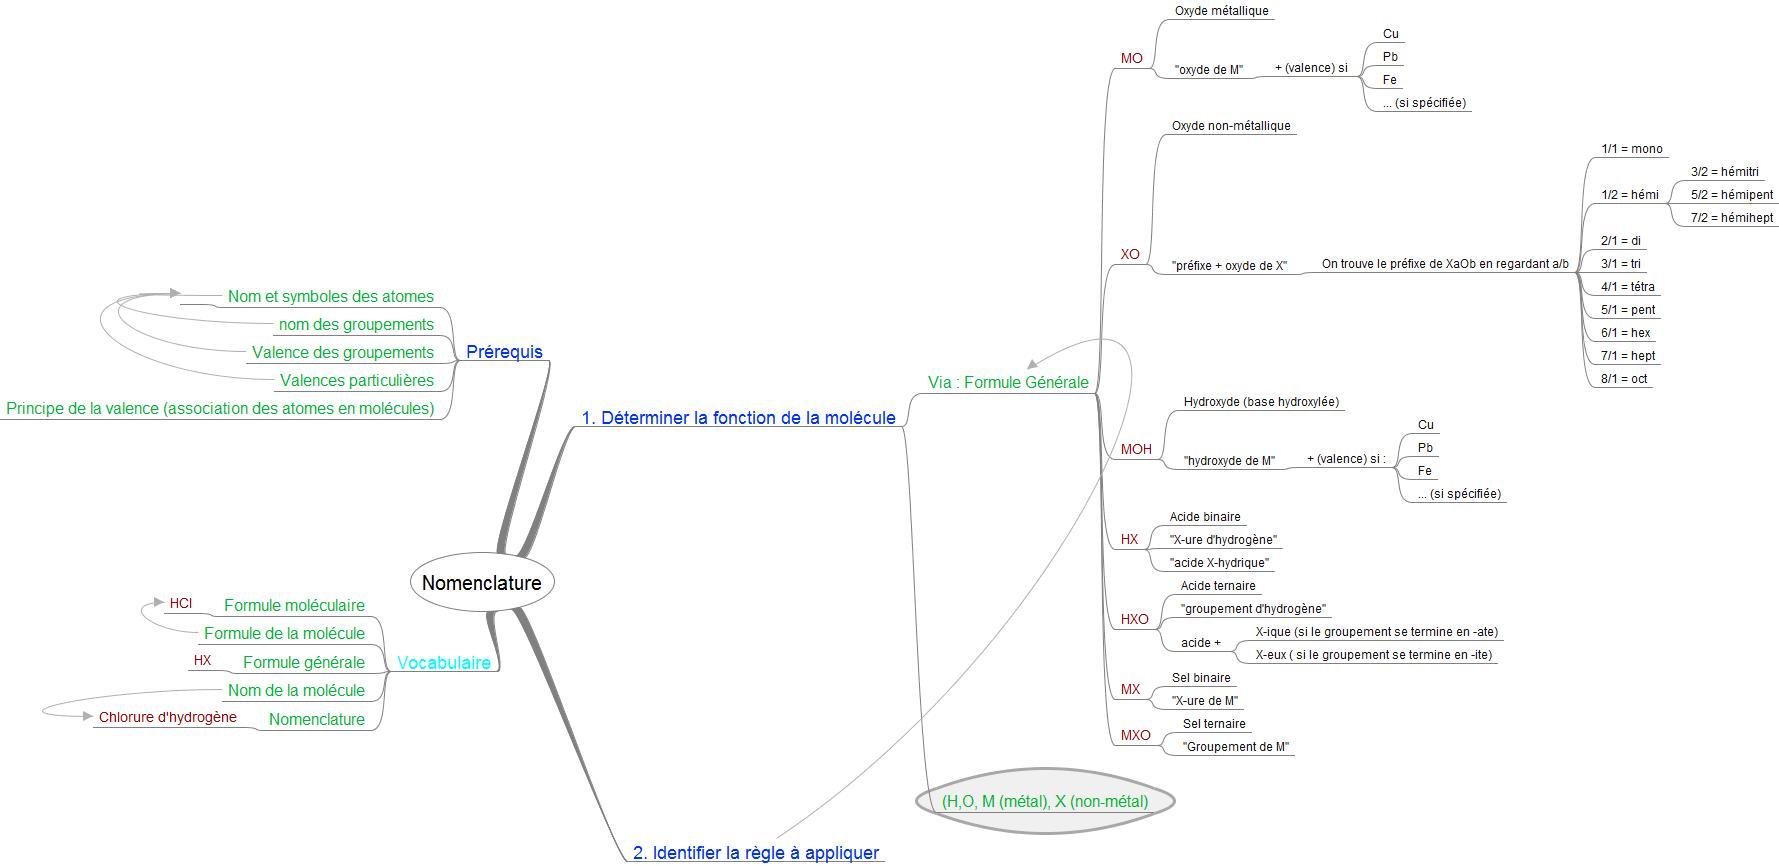 Université de batna - laboratoire de chimie snv lmd